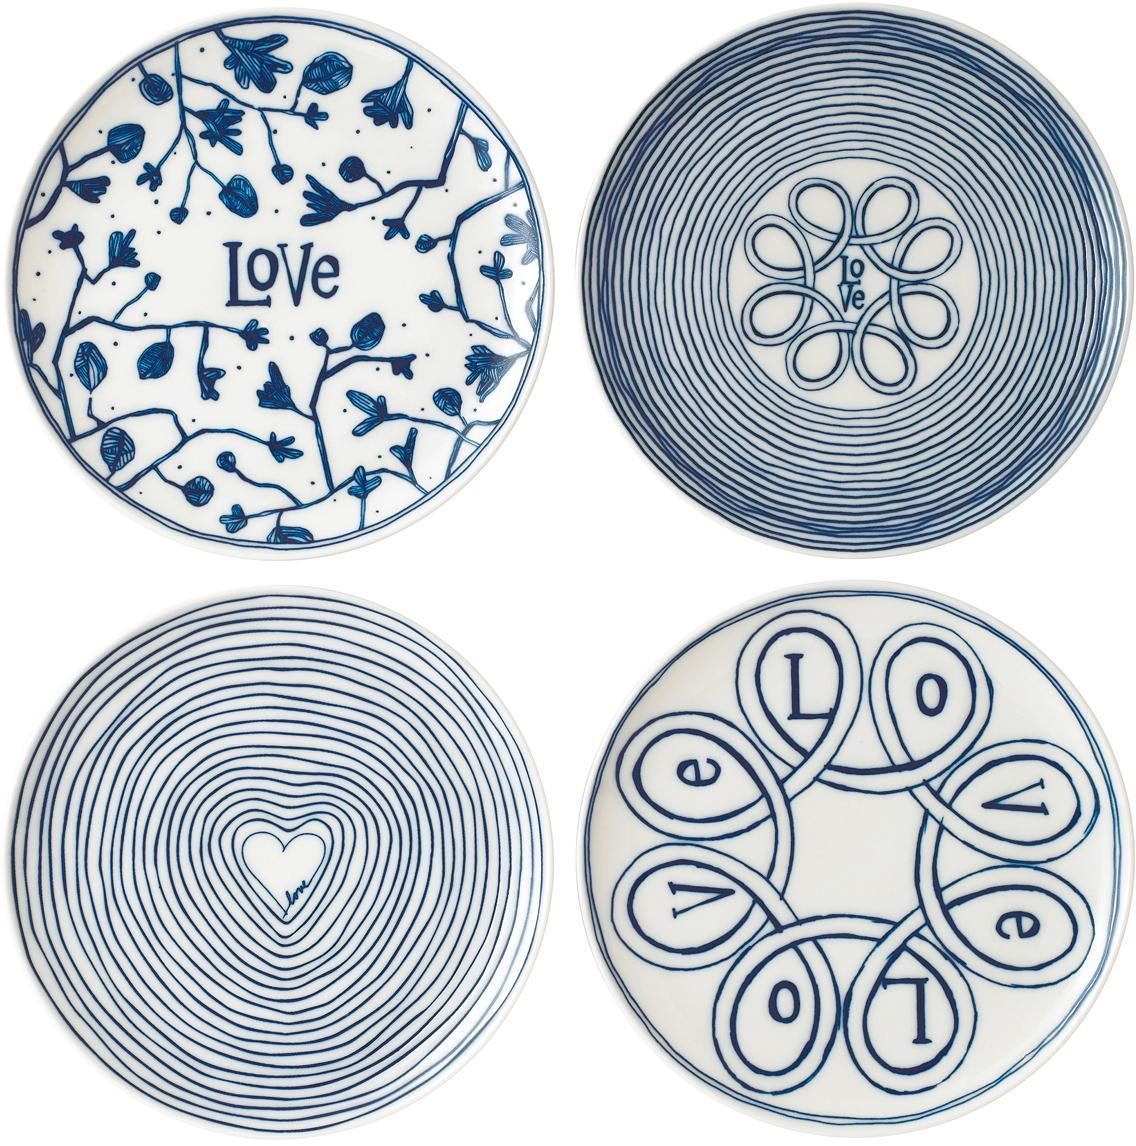 Komplet talerzy śniadaniowych Love, 4 elem., Porcelana, Kość słoniowa, kobaltowoniebieski, Ø 21 cm